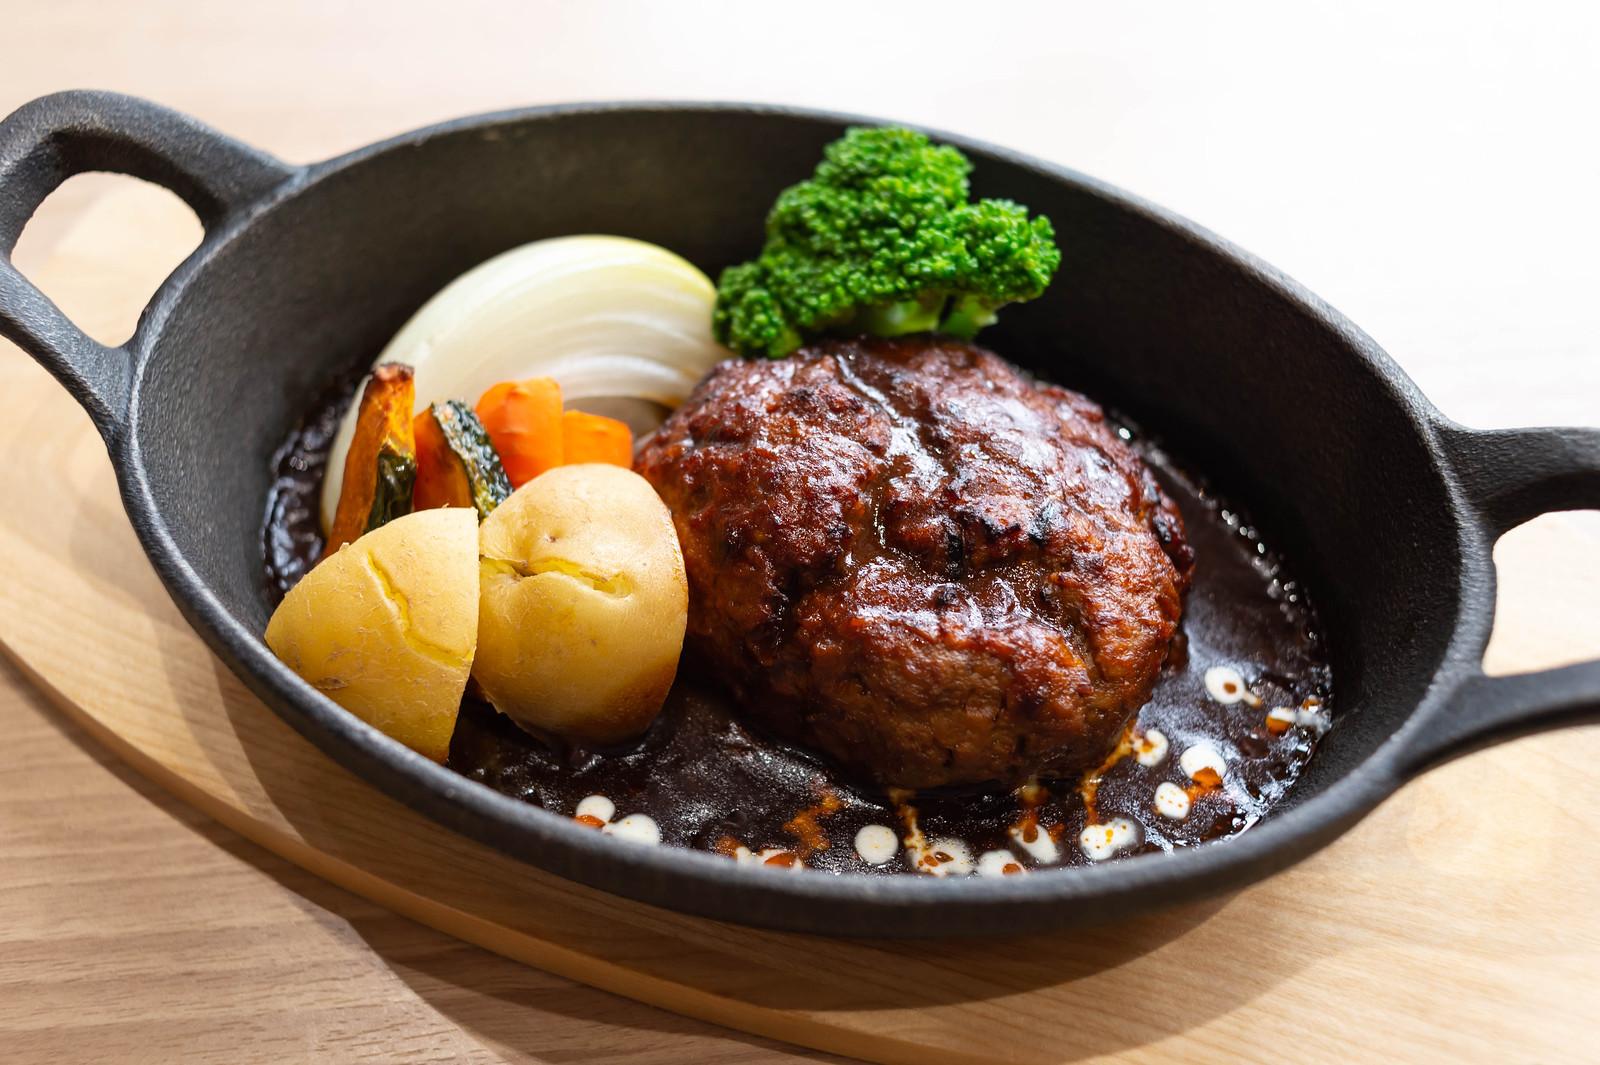 自家製粗挽きハンバーグ / ソラシドキッチン